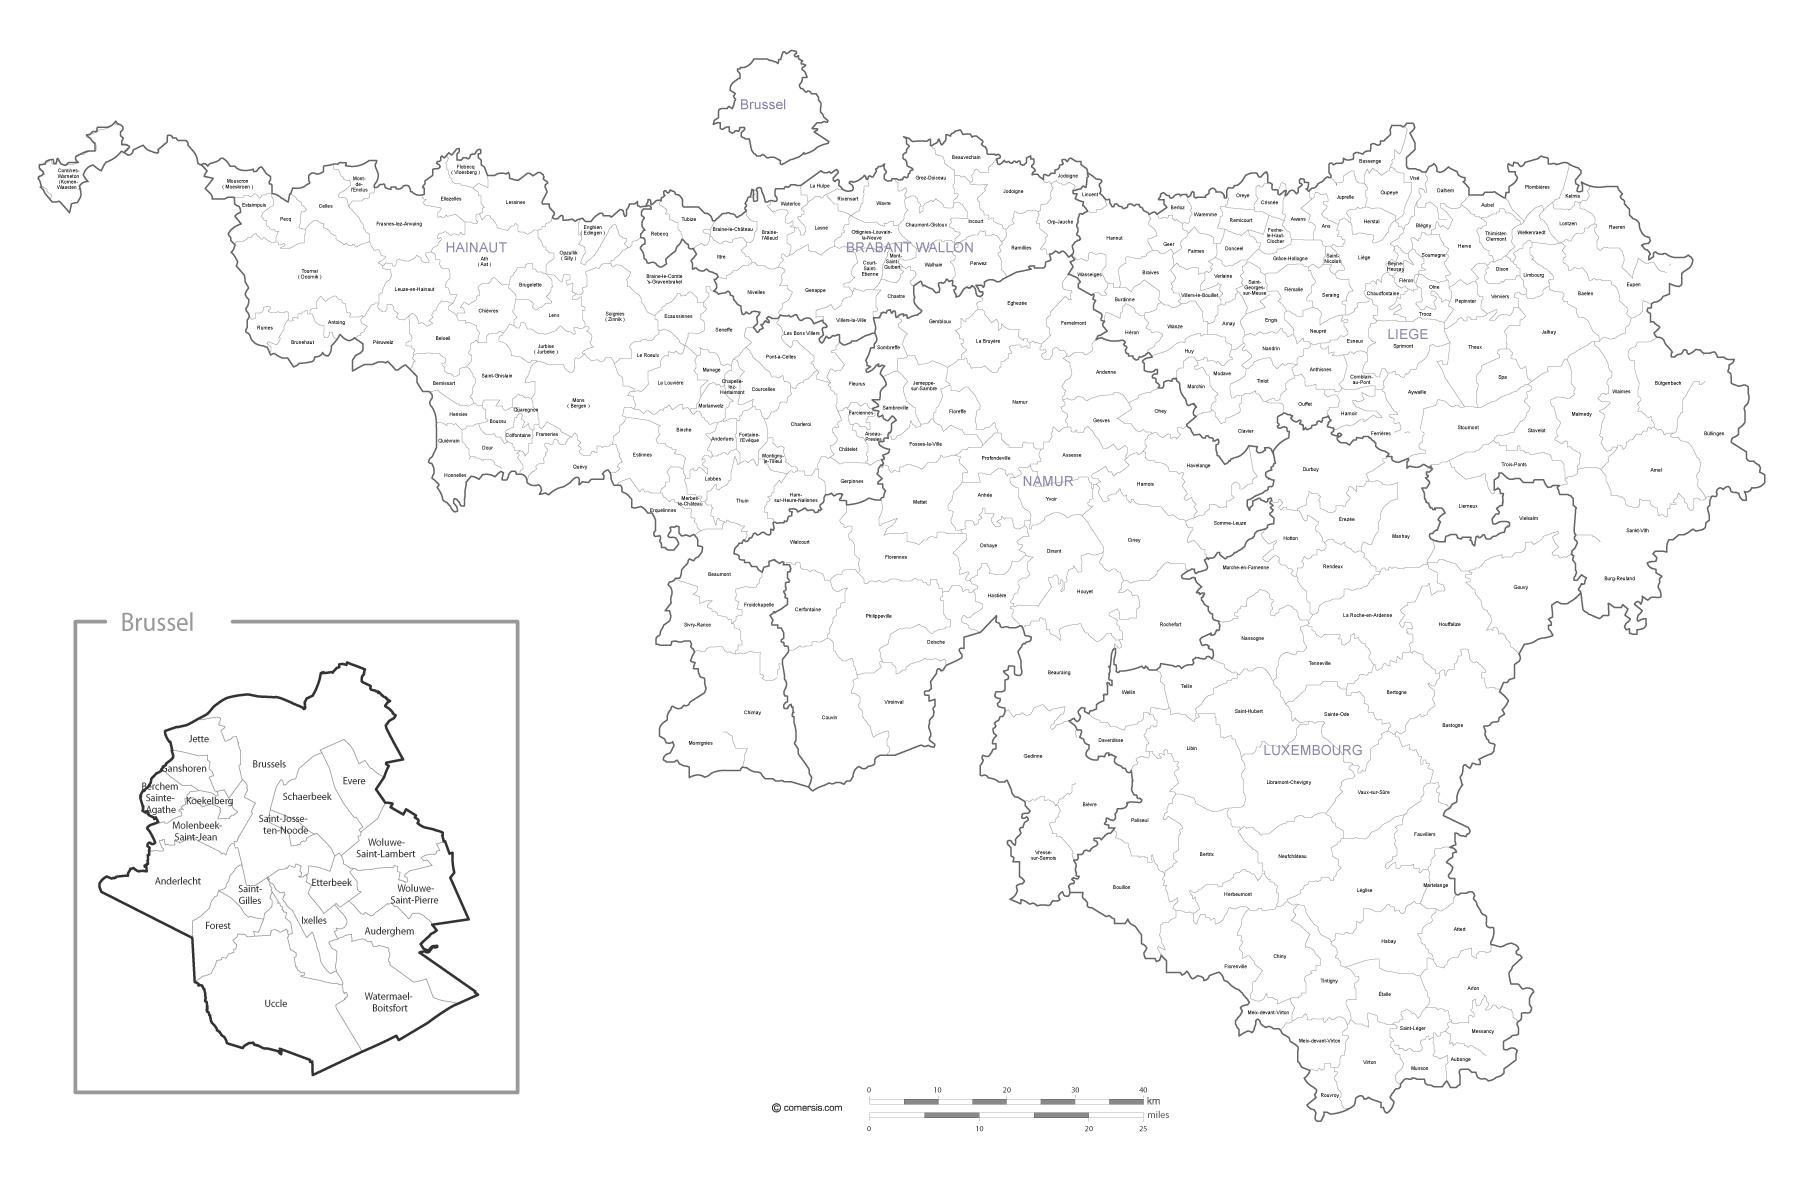 Map of Wallonia municipalities